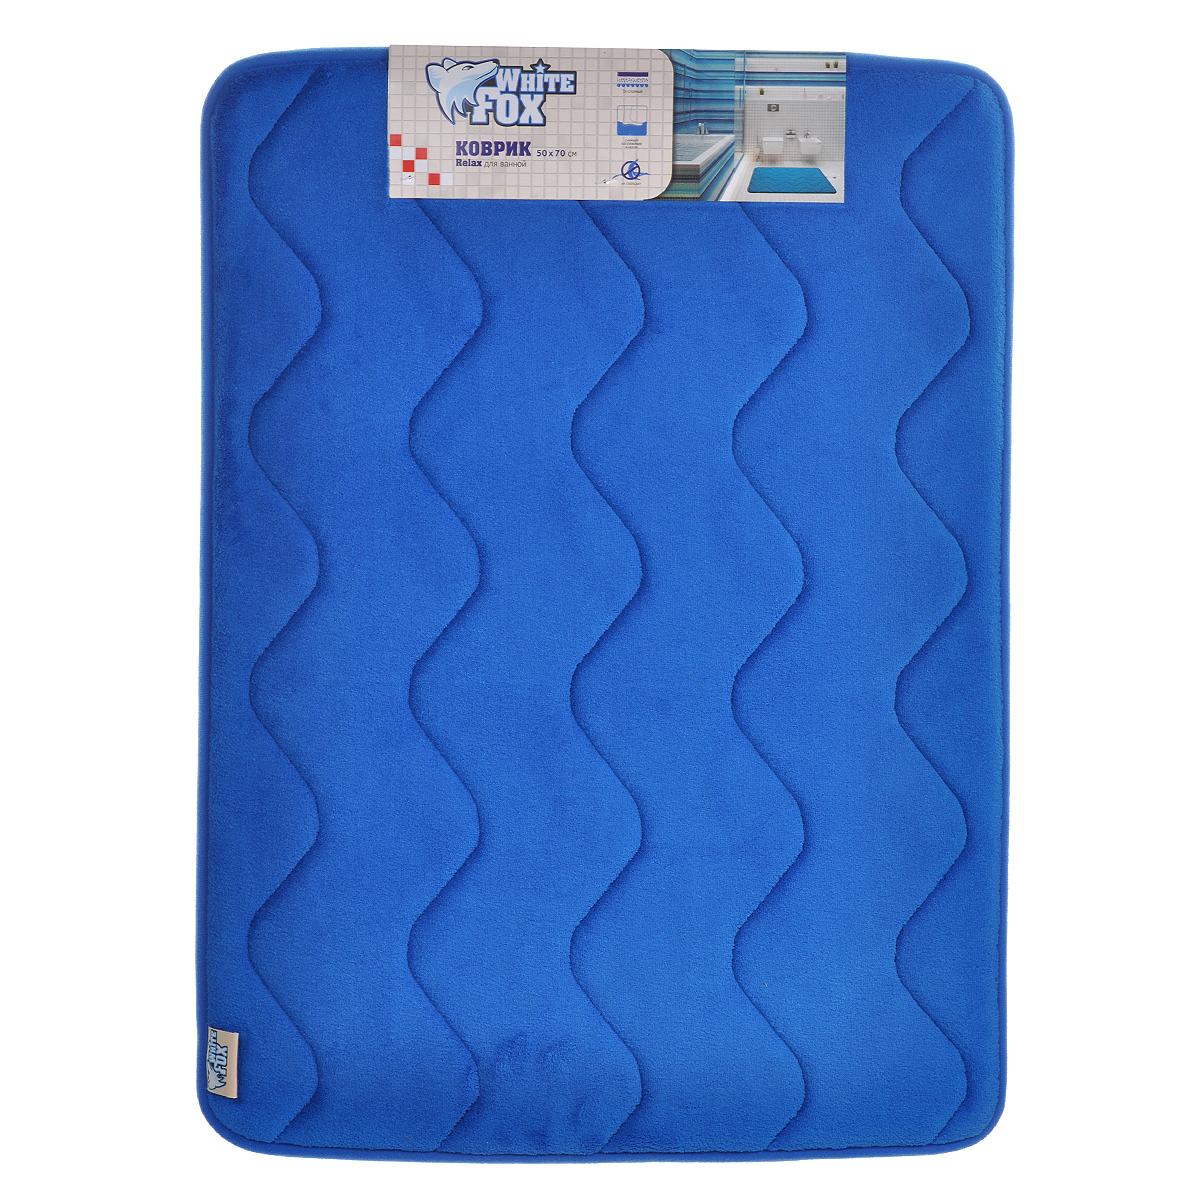 Коврик для ванной White Fox Relax. Волна, цвет: синий, 50 х 70 см41619Коврик для ванной White Fox Relax. Волна подарит настоящий комфорт до и после принятия водных процедур. Коврик состоит из трех слоев: - верхний флисовый слой прекрасно дышит, благодаря чему коврик быстро высыхает; - основной слой выполнен из специального вспененного материала, который точно повторяет рельеф стопы, создает комфорт и полностью восстанавливает первоначальную форму; - нижний резиновый слой препятствует скольжению коврика на влажном полу.Коврик White Fox Relax. Волна равномерно распределяет нагрузку на всю поверхность стопы, снимая напряжение и усталость в ногах. Рекомендации по уходу: - ручная стирка; - не отбеливать; - не гладить; - можно подвергать химчистке; - деликатные отжим и сушка.